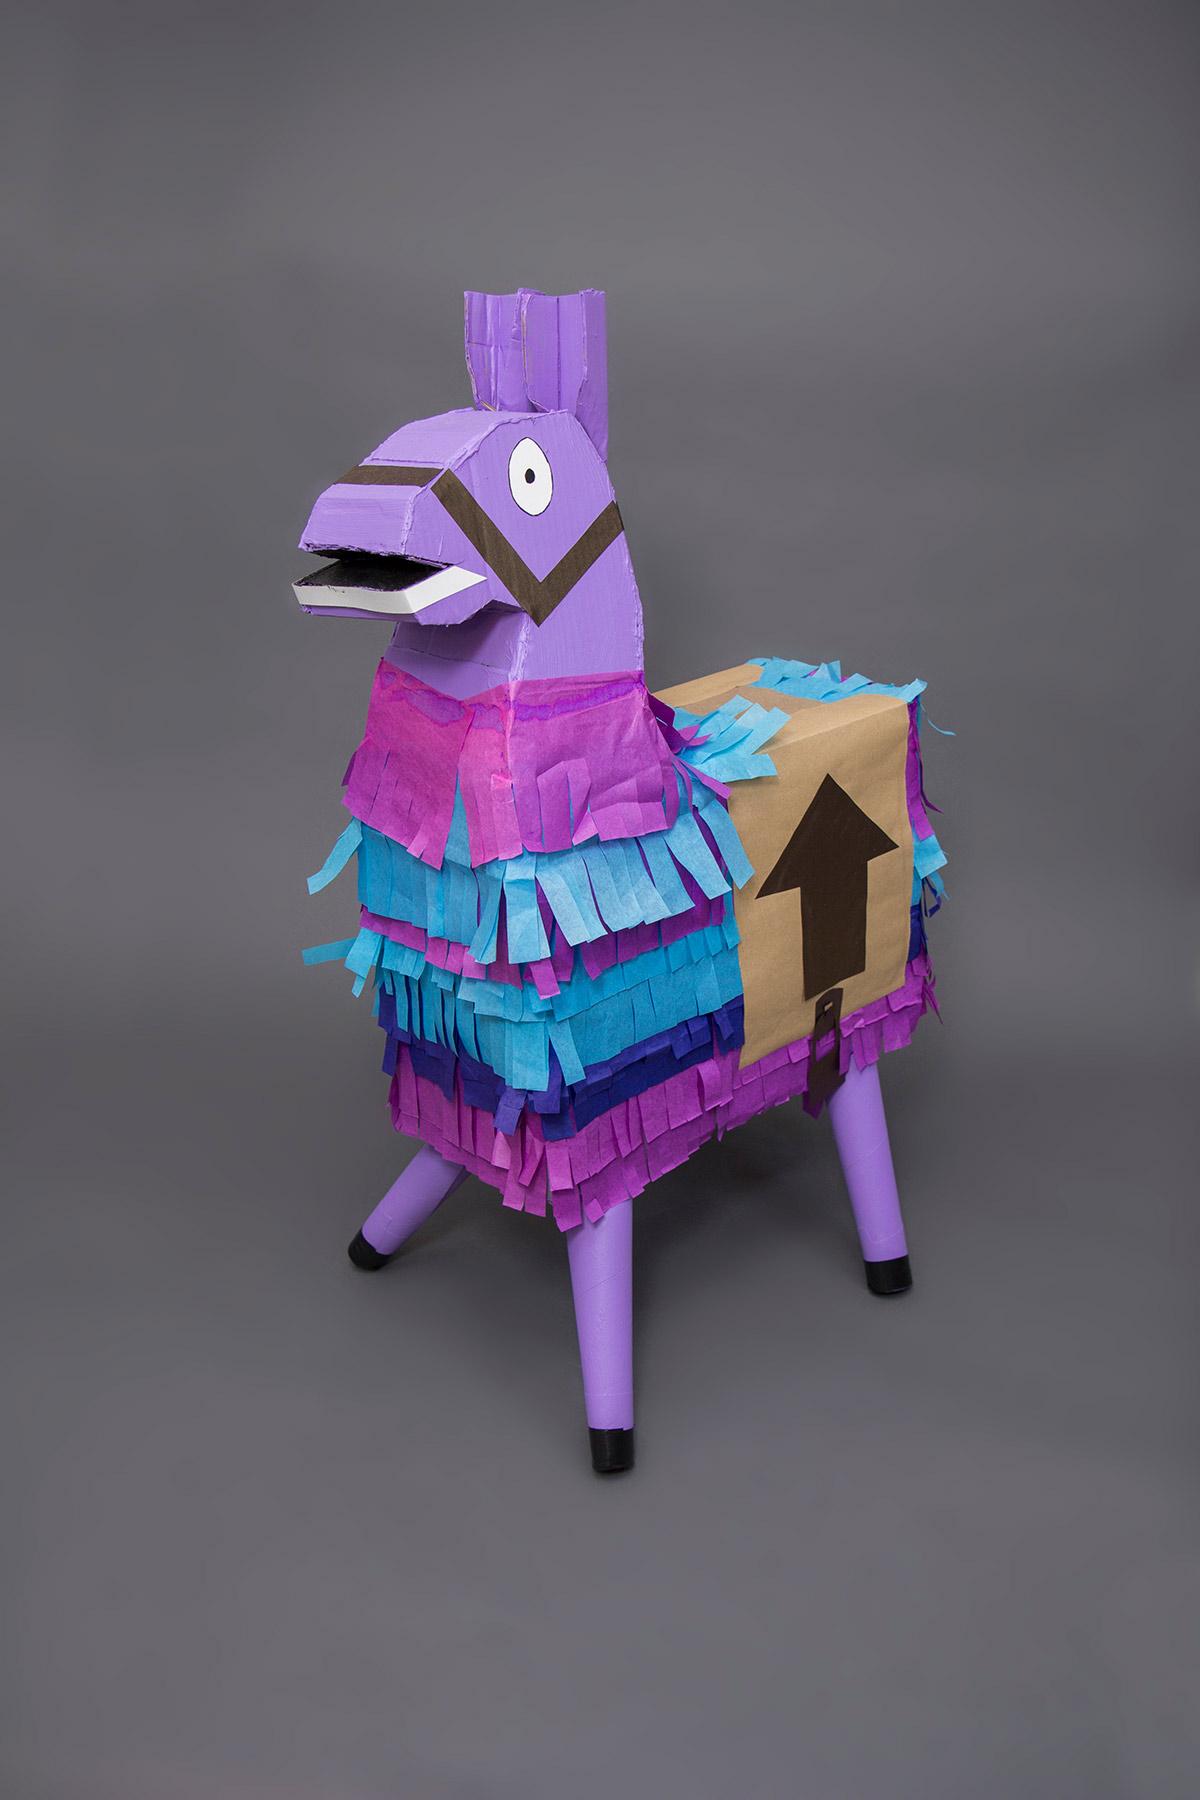 how to make a fortnite llama piñata How to Make a Fortnite Llama Pinata - DIWHY.LIFE